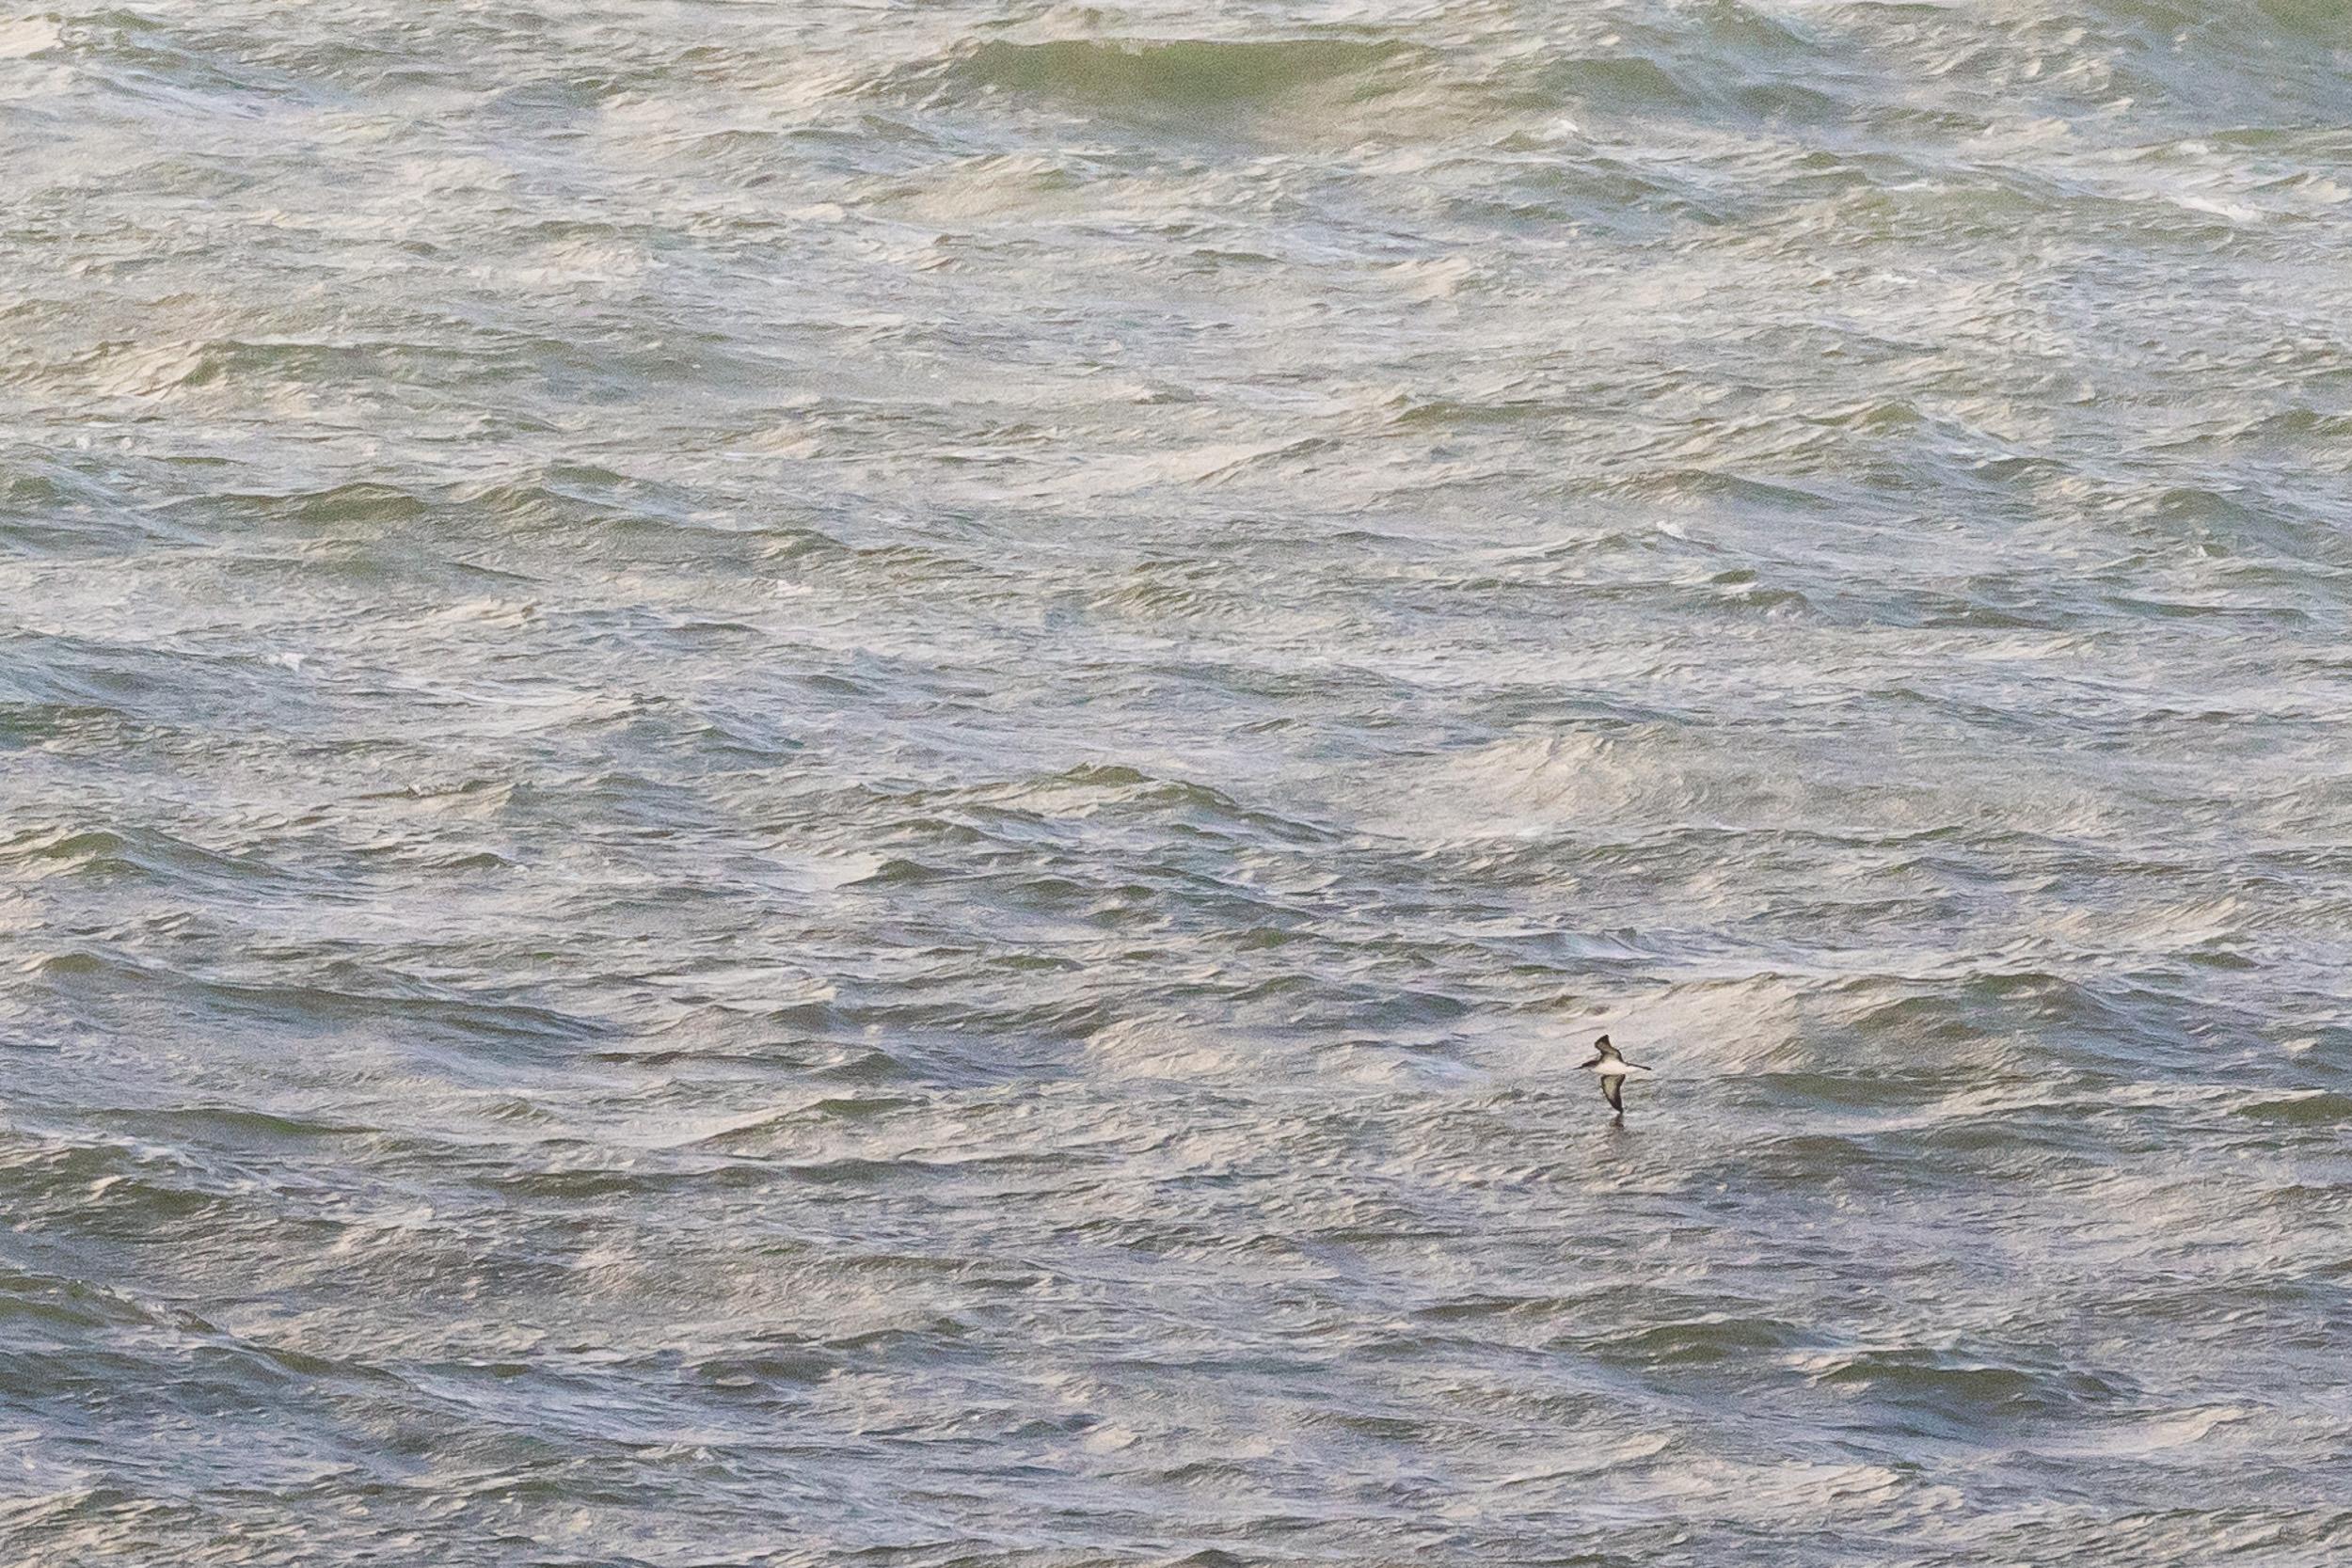 Manx Shearwater (Puffinus puffinus